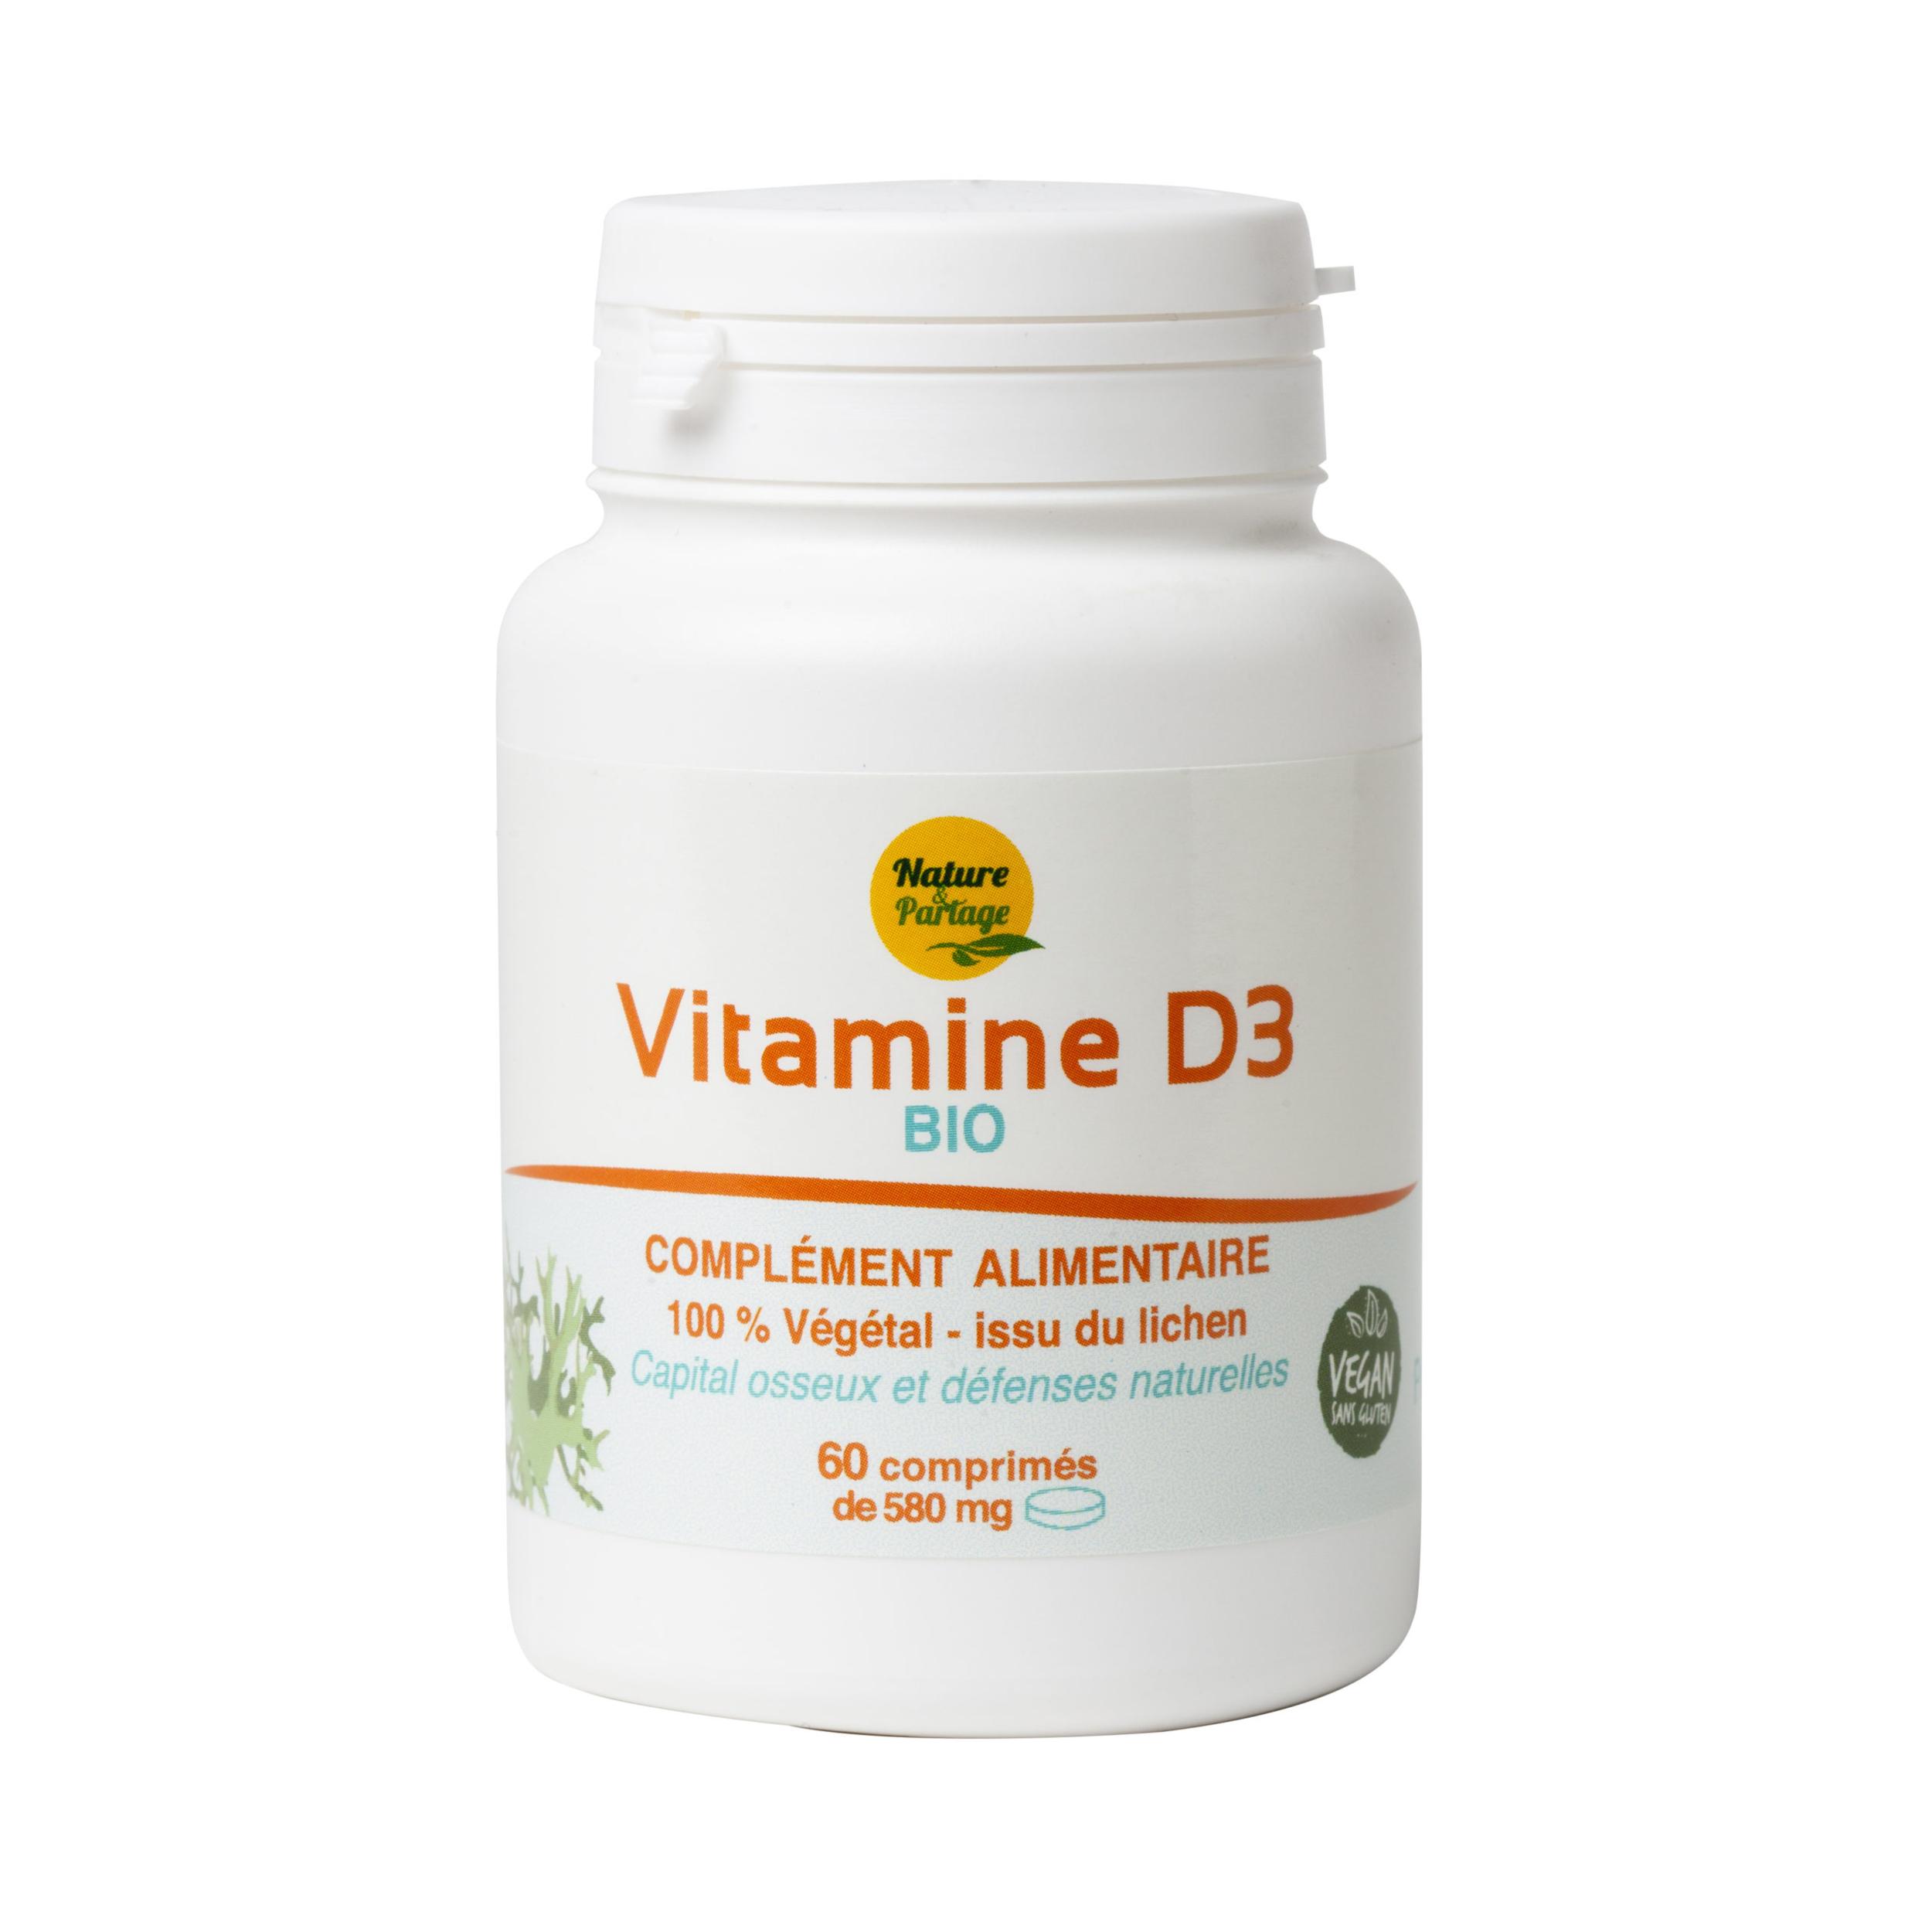 Vitamine D3 bio – 60 comprimés